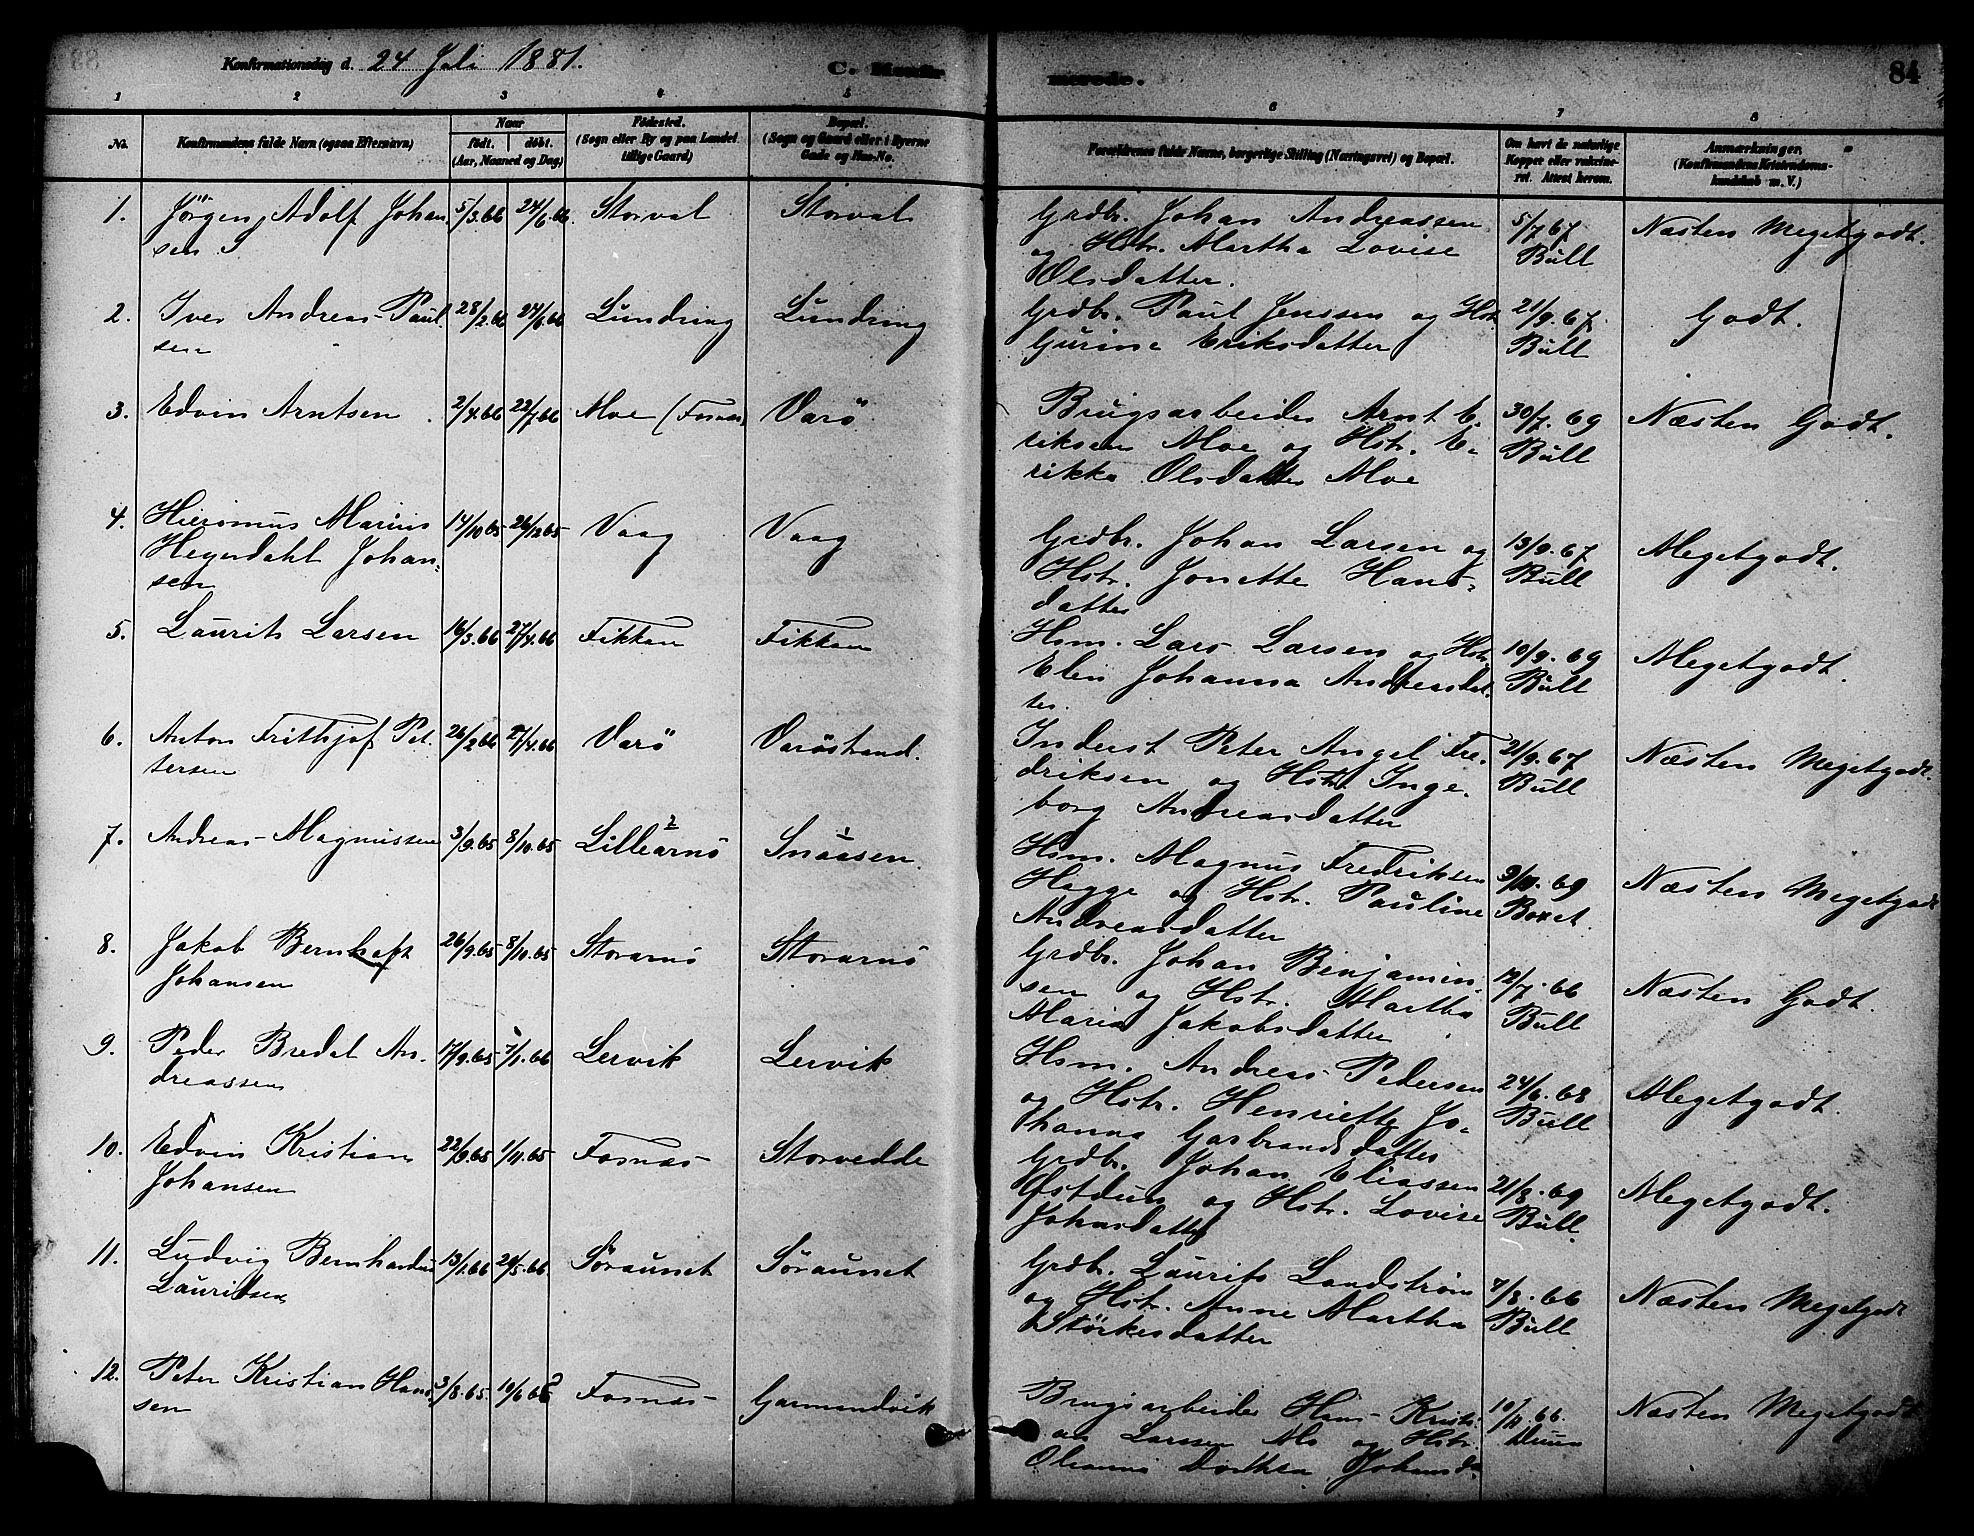 SAT, Ministerialprotokoller, klokkerbøker og fødselsregistre - Nord-Trøndelag, 784/L0672: Ministerialbok nr. 784A07, 1880-1887, s. 84